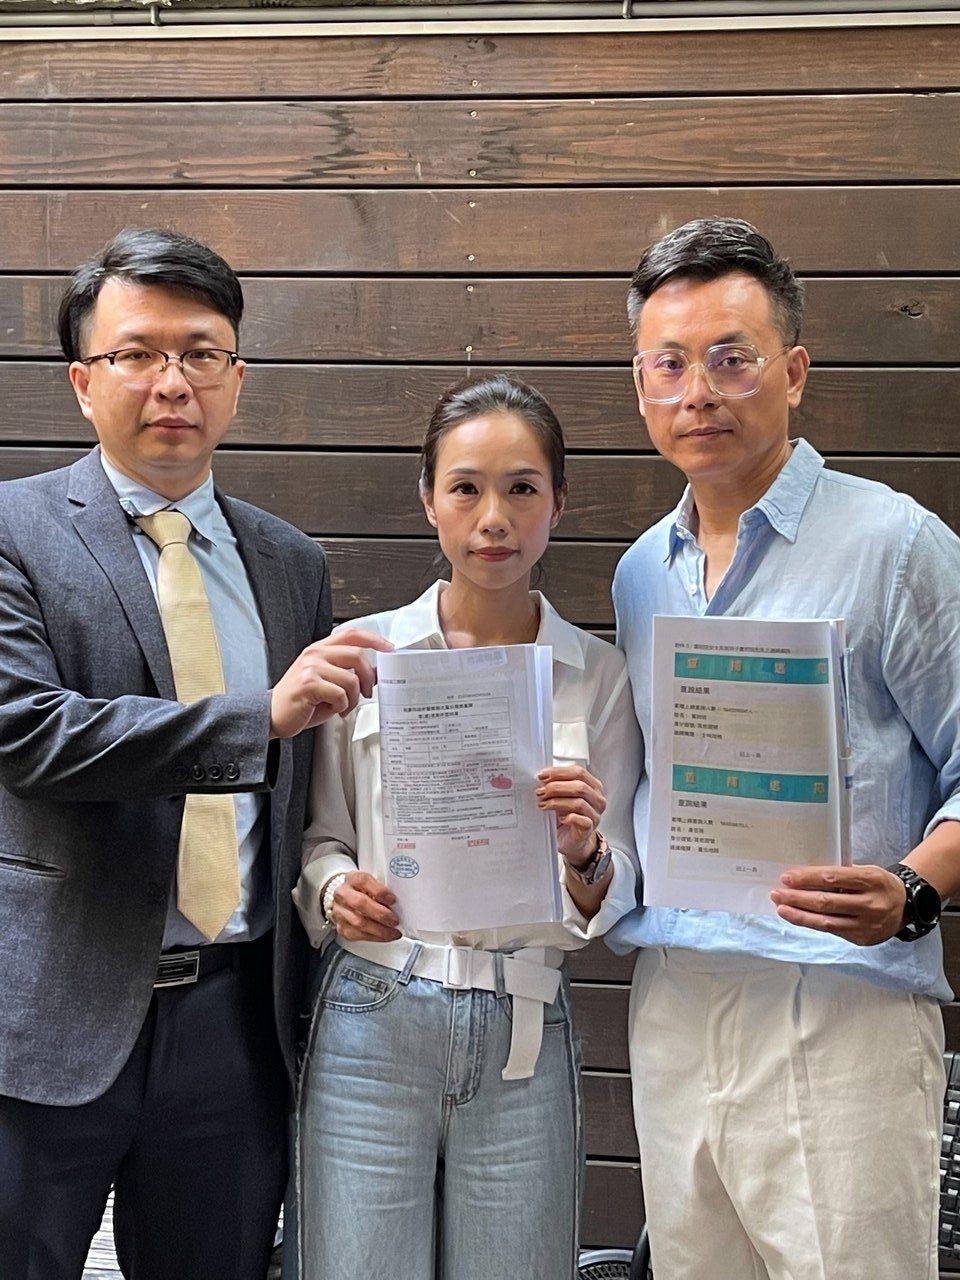 藝人陳霆(右)夫妻在律師劉安桓陪同下召開記者會,表示受到友人詐騙,希望不要在有其